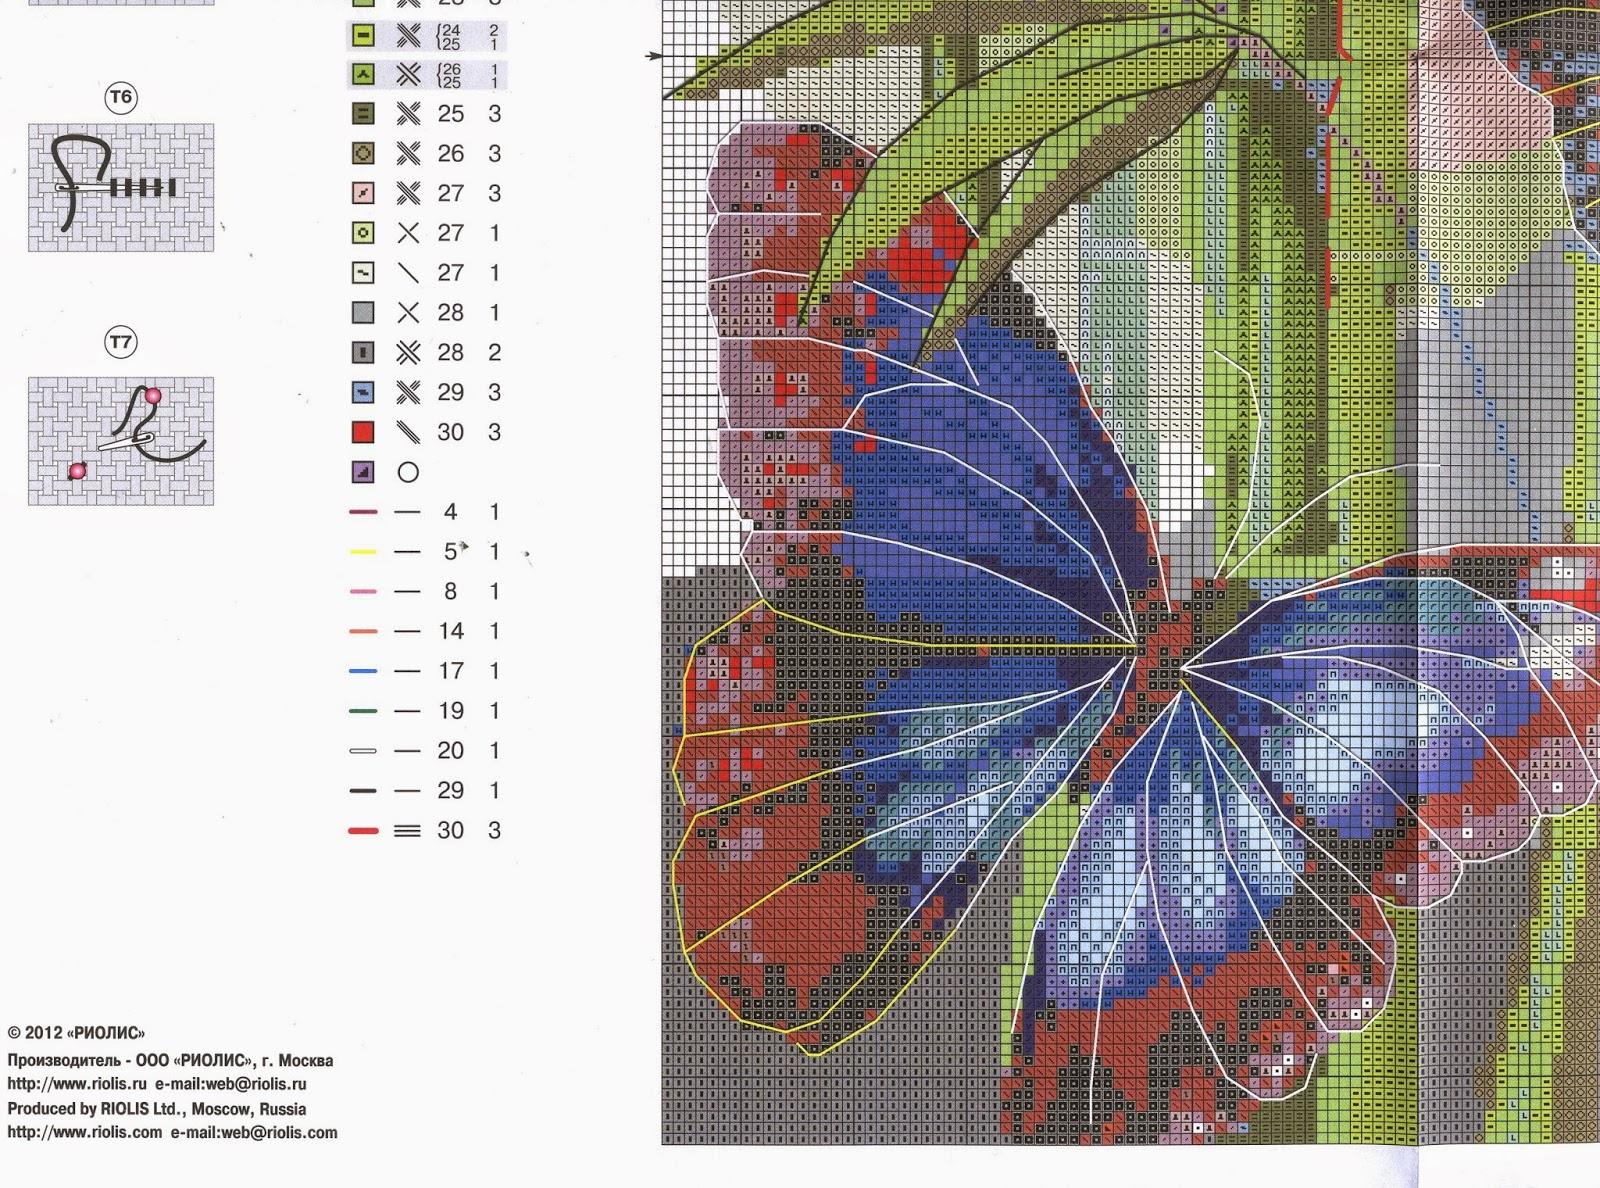 Вышивка схема бабочки скачать бесплатно фото 644